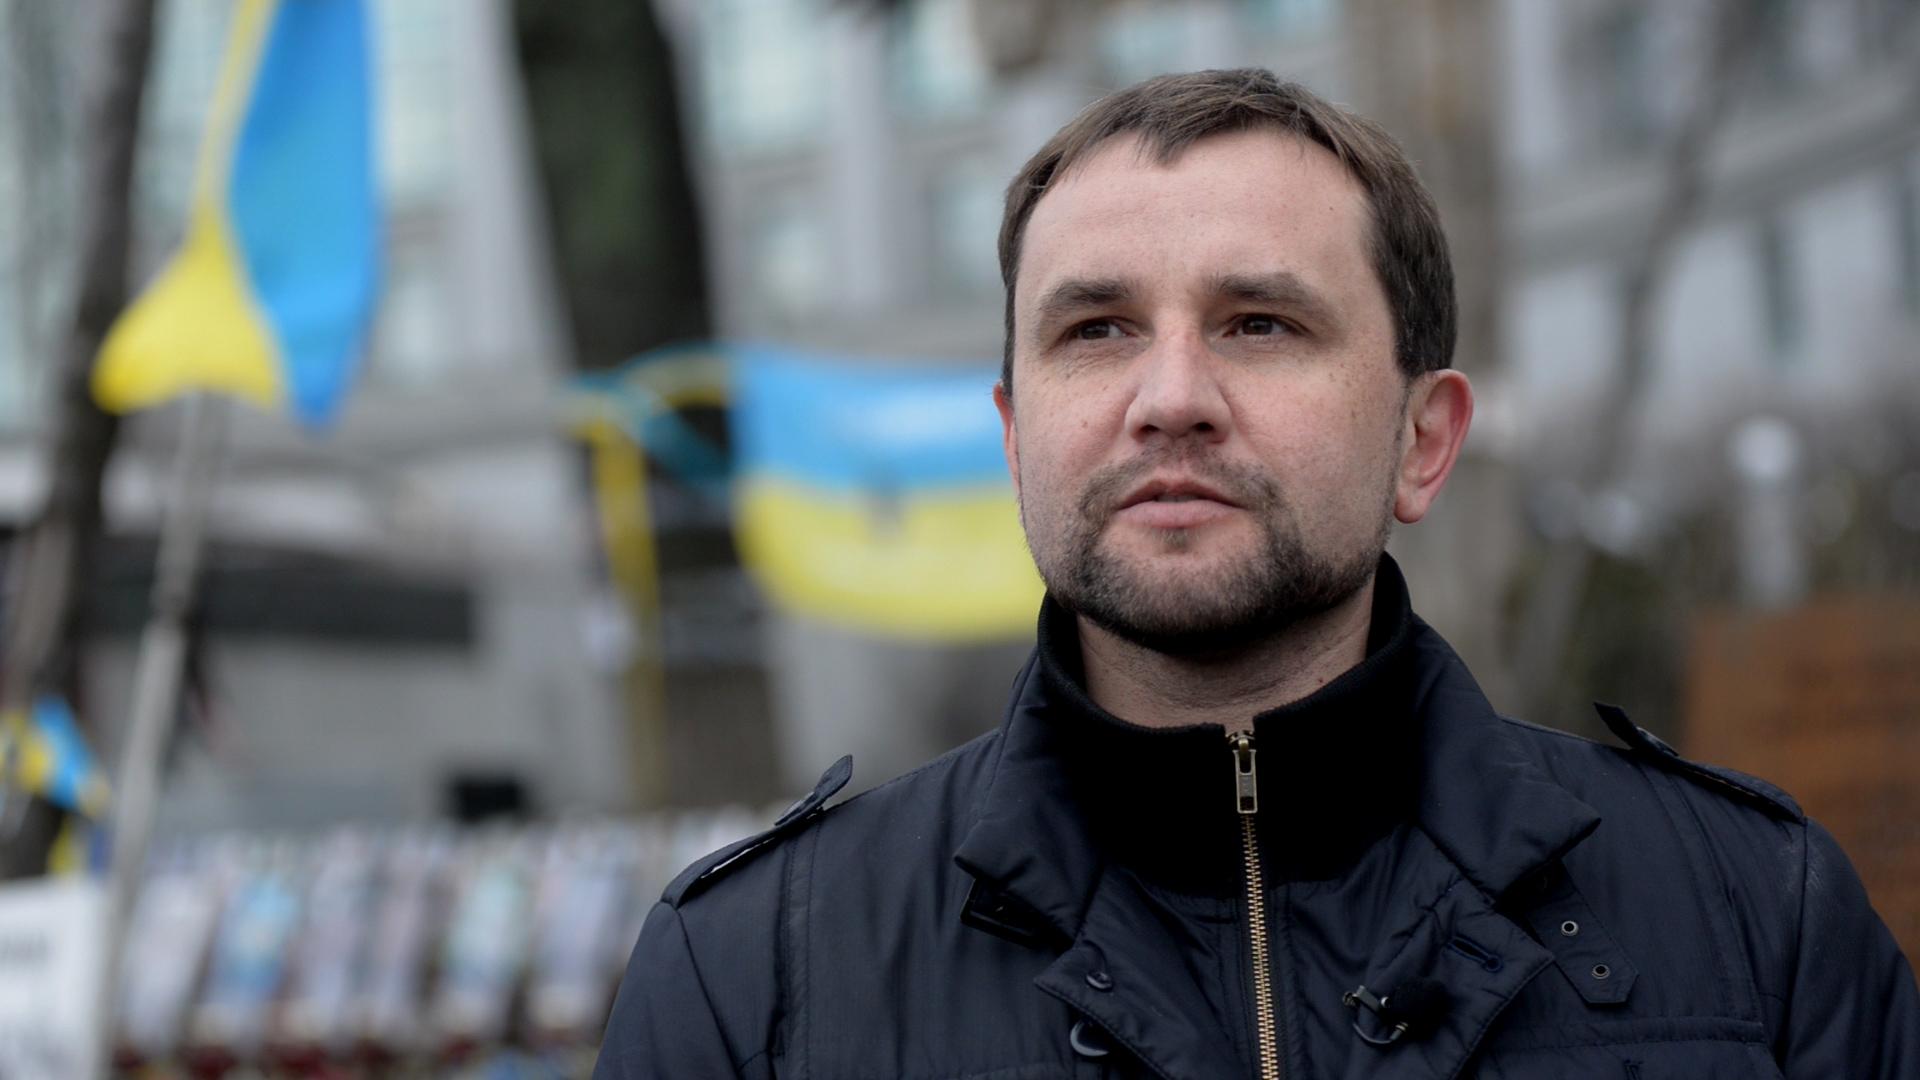 Фото: 1tv.com.ua